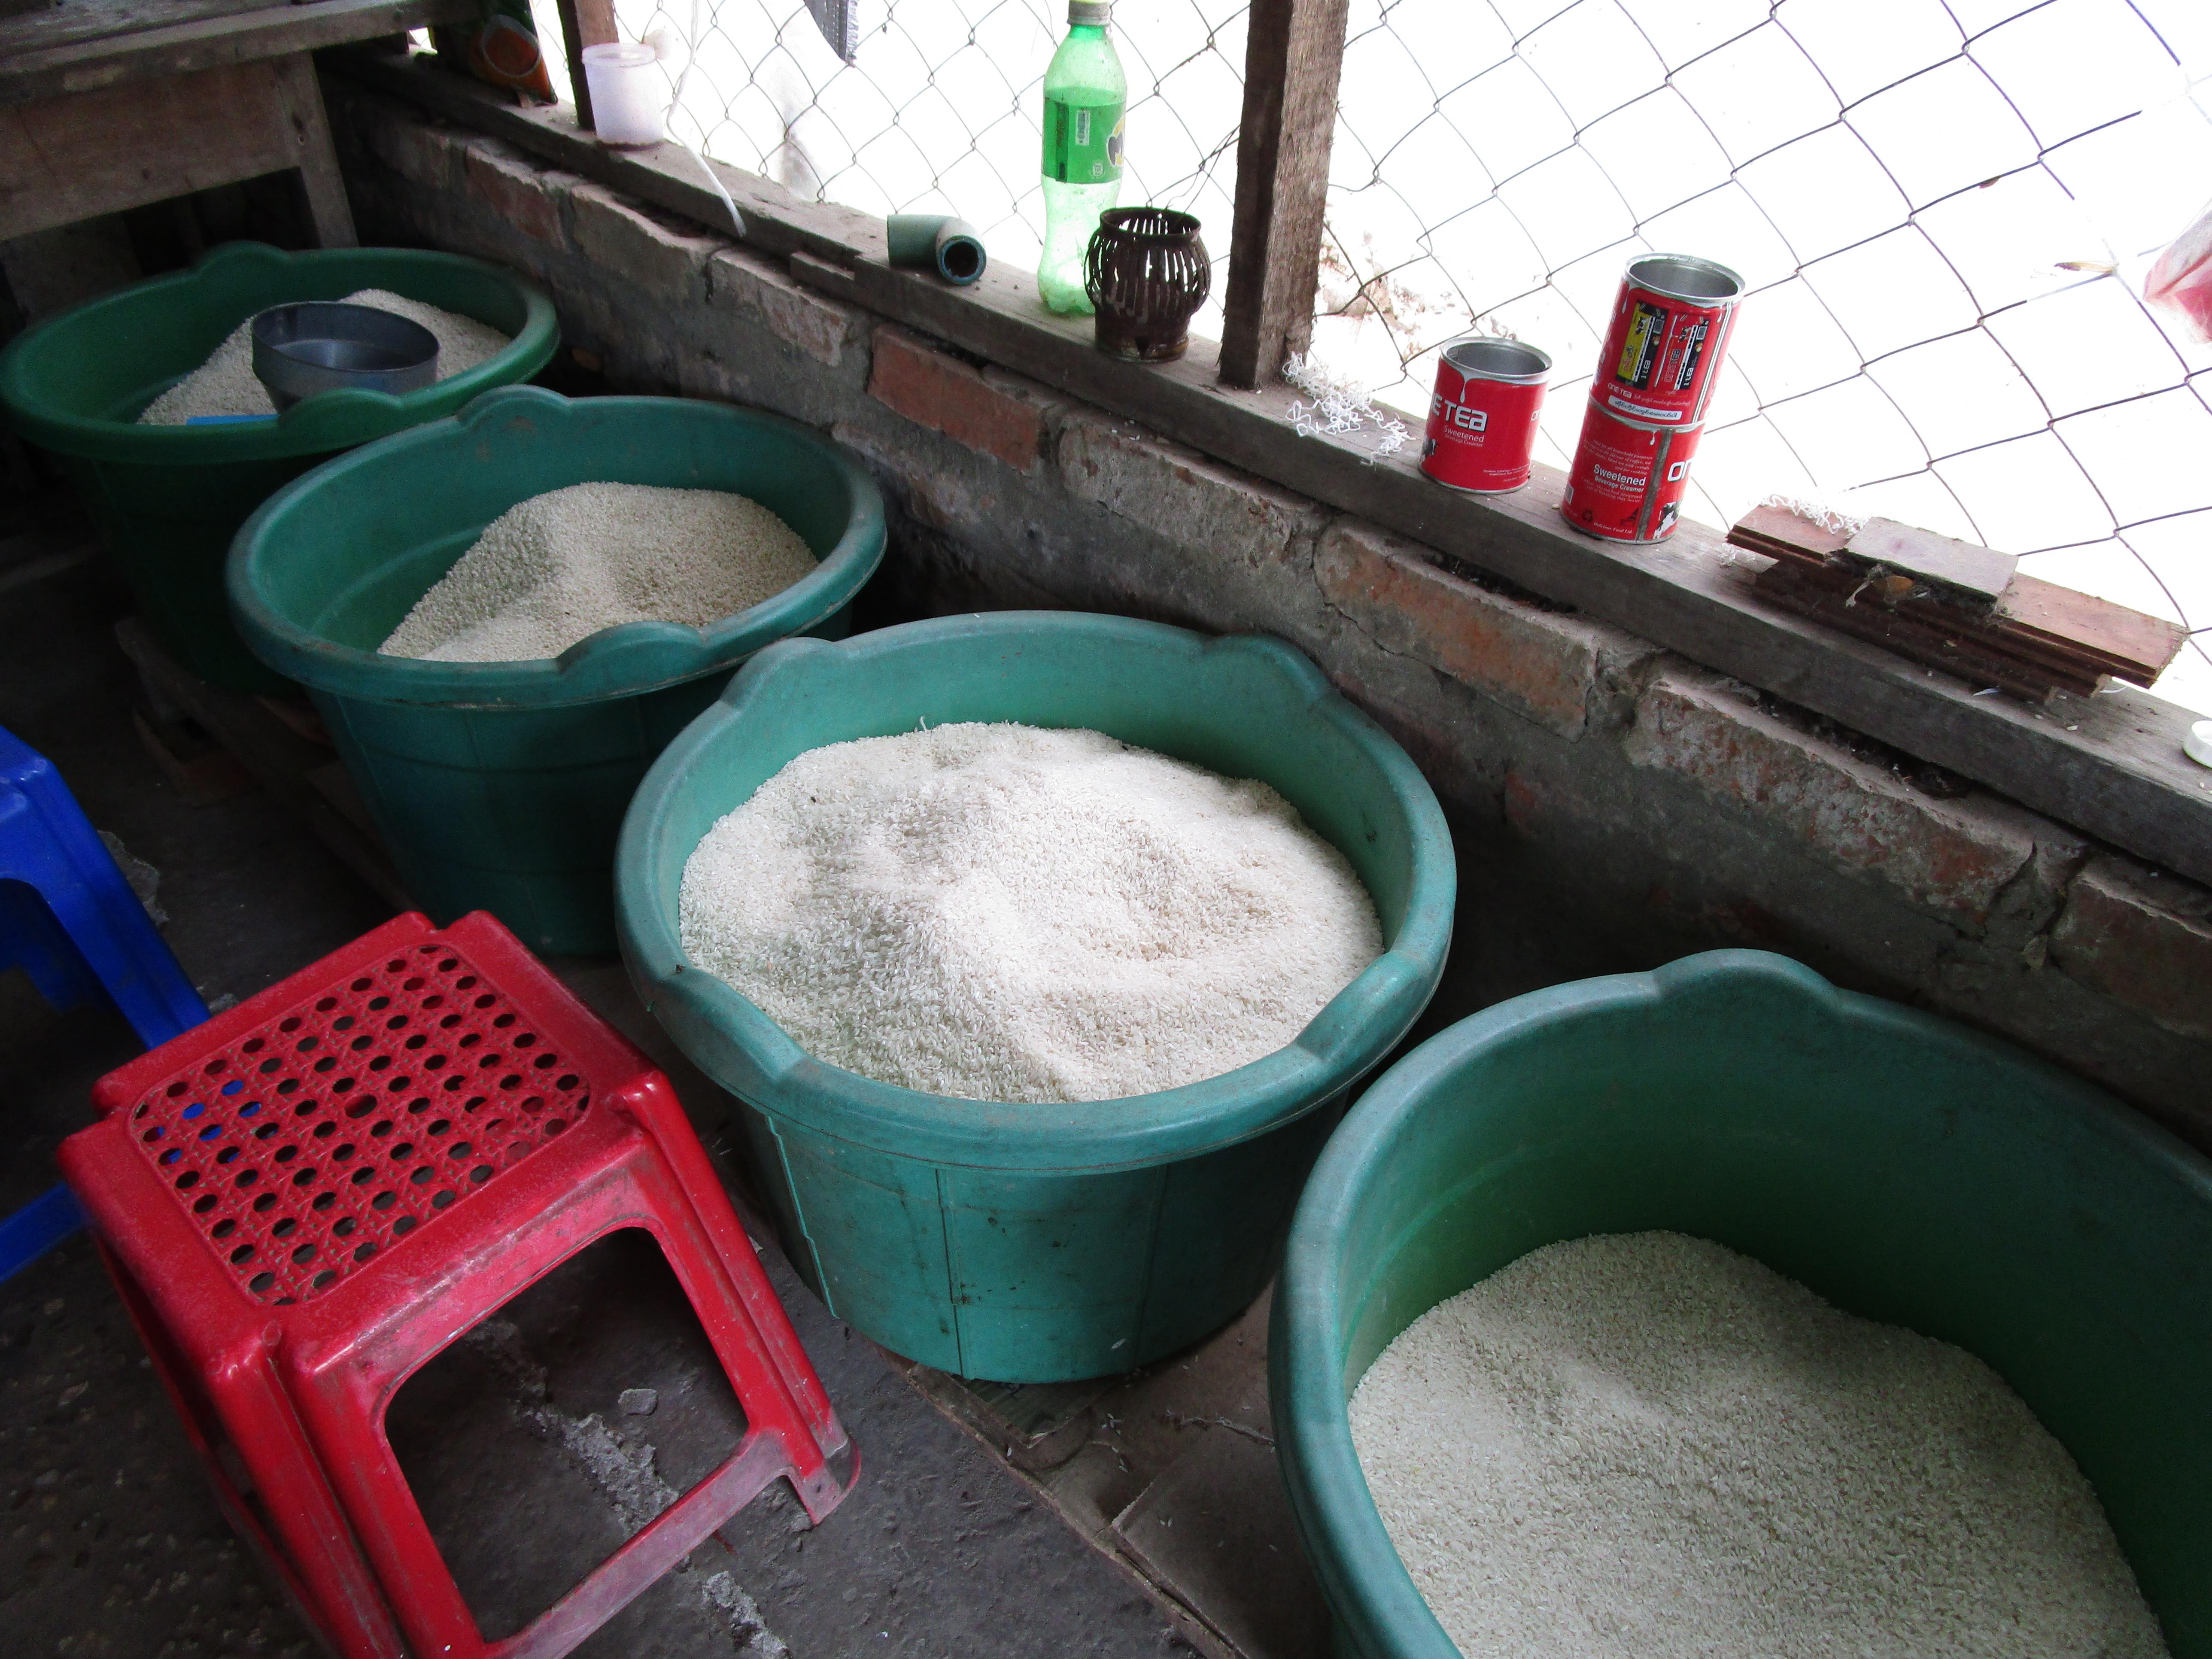 ミャンマーの雑貨屋、米